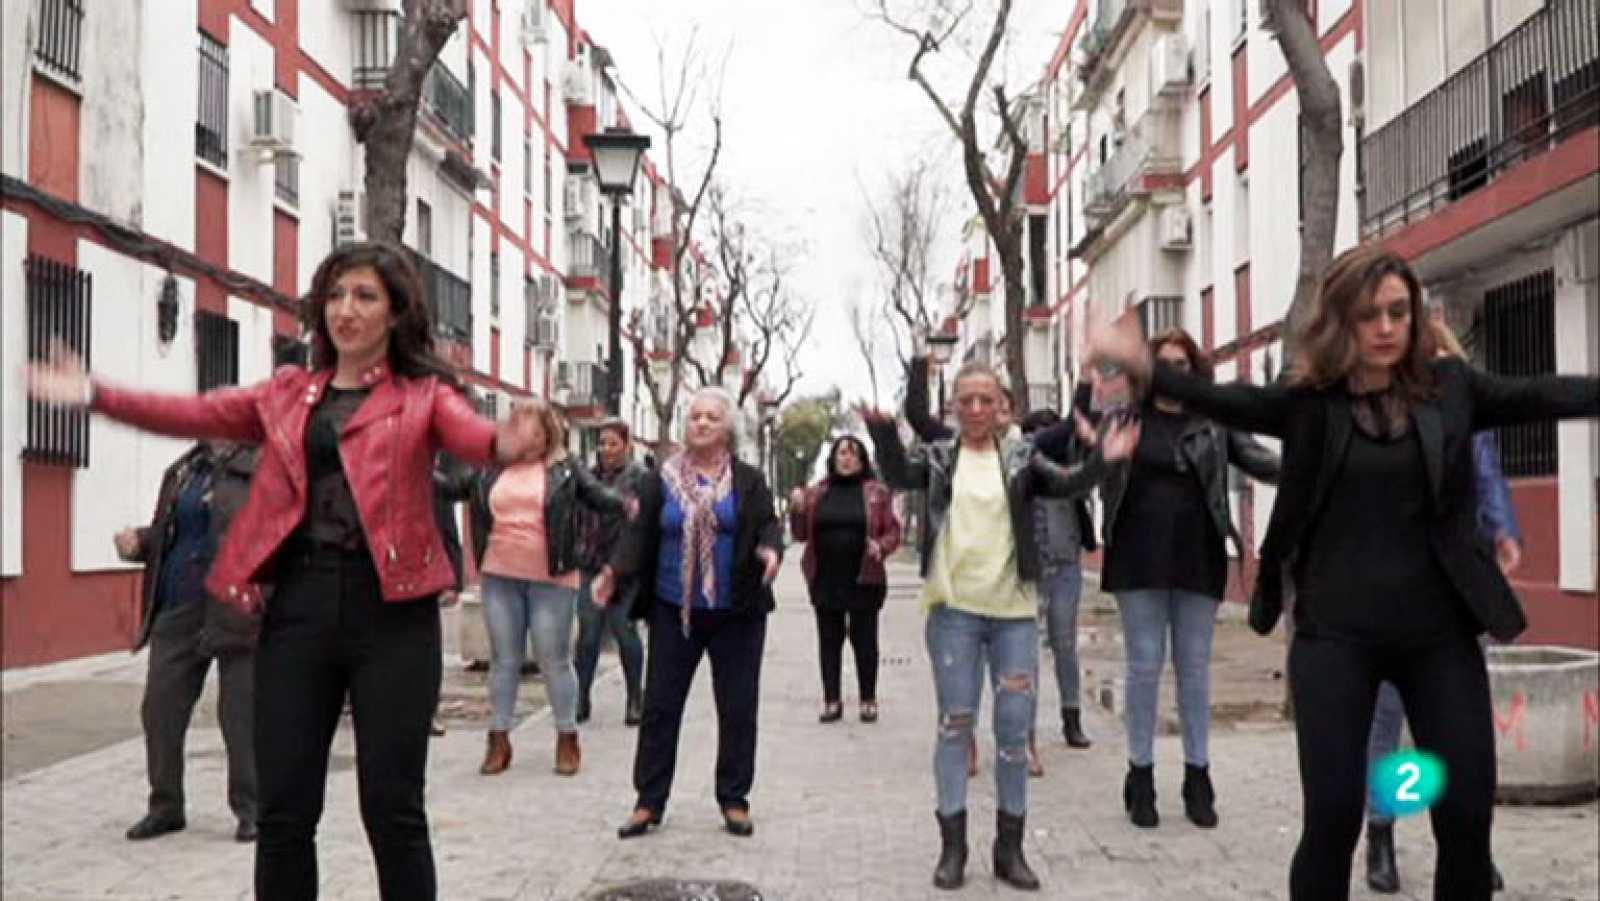 La aventura del saber. TVE.  'Bailar mi barrio' 2018. Sevilla.